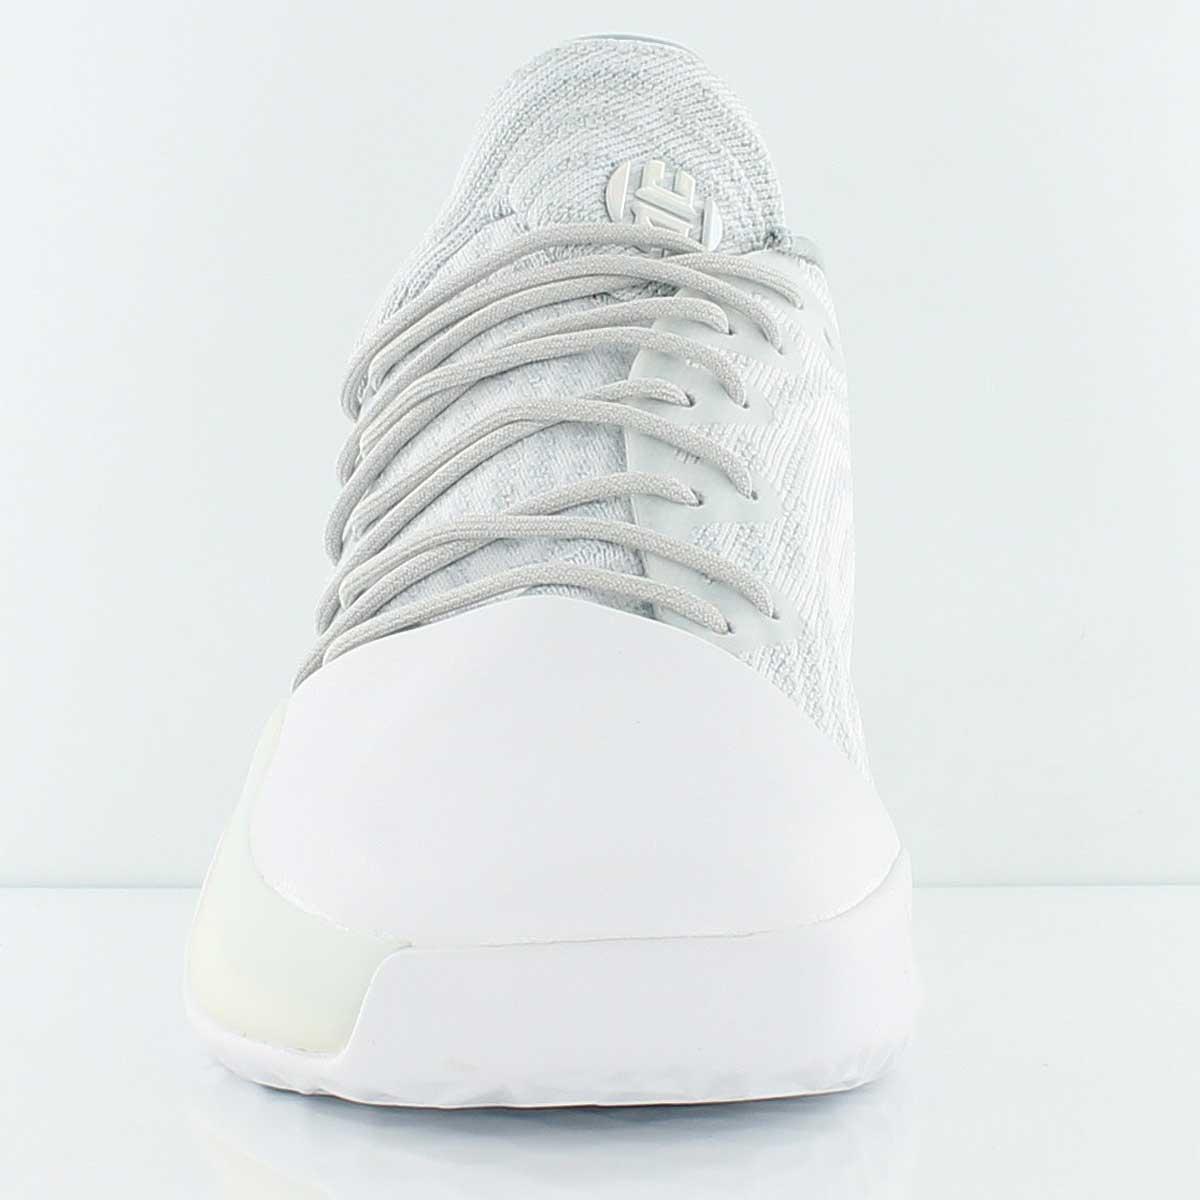 Adidas Harden 1 White